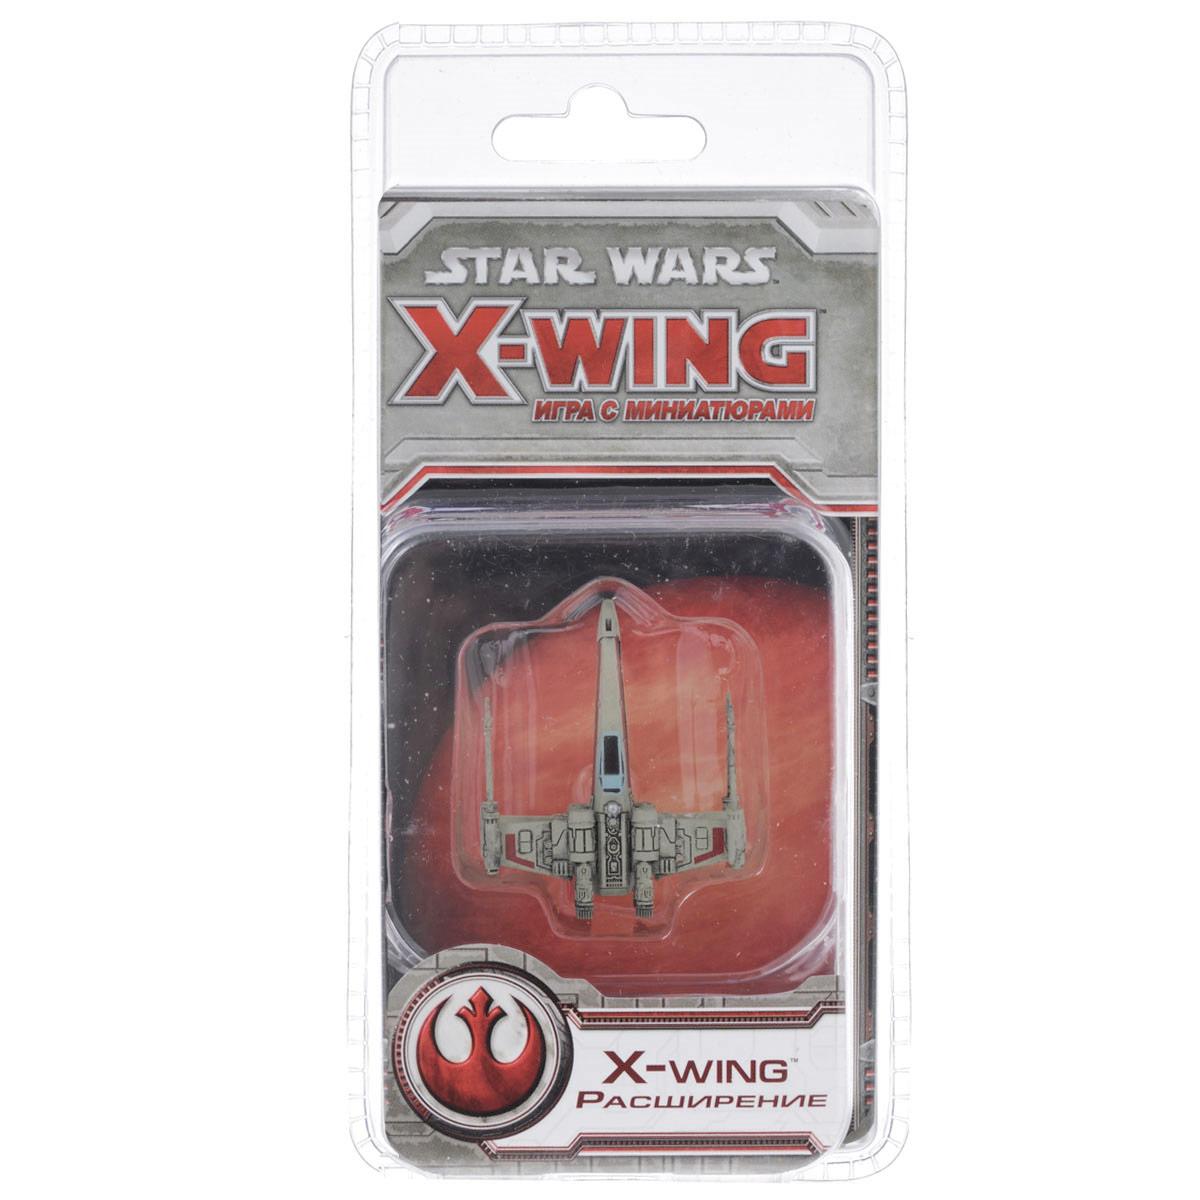 Hobby World Расширение для настольной игры Star Wars X-Wing X-Wing1202Давным-давно в далекой-далекой галактике.... Гремит гражданская война. Альянс продолжает бороться с тиранией Империи. Силы неравны, но в космических боях исход сражения решает гений адмиралов и мастерство пилотов. В войну вступает первая волна самых совершенных космических истребителей вселенной, пилоты которых рвутся в бой! За императора! За Альянс! В бой! X-Wing является расширением для Star Wars: X-wing - тактической настольной игры, воссоздающей захватывающие космические сражения просторов Далекой-далекой Галактики. Разработанный корпорацией Инком, истребитель Т-65 X-Wing быстро завоевал статус наиболее эффективной боевой машины в Галактике и стал основным оружием мятежа. В комплект входят раскрашенная фигурка пластикового истребителя, 9 карт, 17 жетонов и диск маневров. Время игры: 30-45 минут. Обращаем ваше внимание, что расширение X-Wing не является самостоятельной игрой. Для игры требуется базовый комплект Star Wars:...